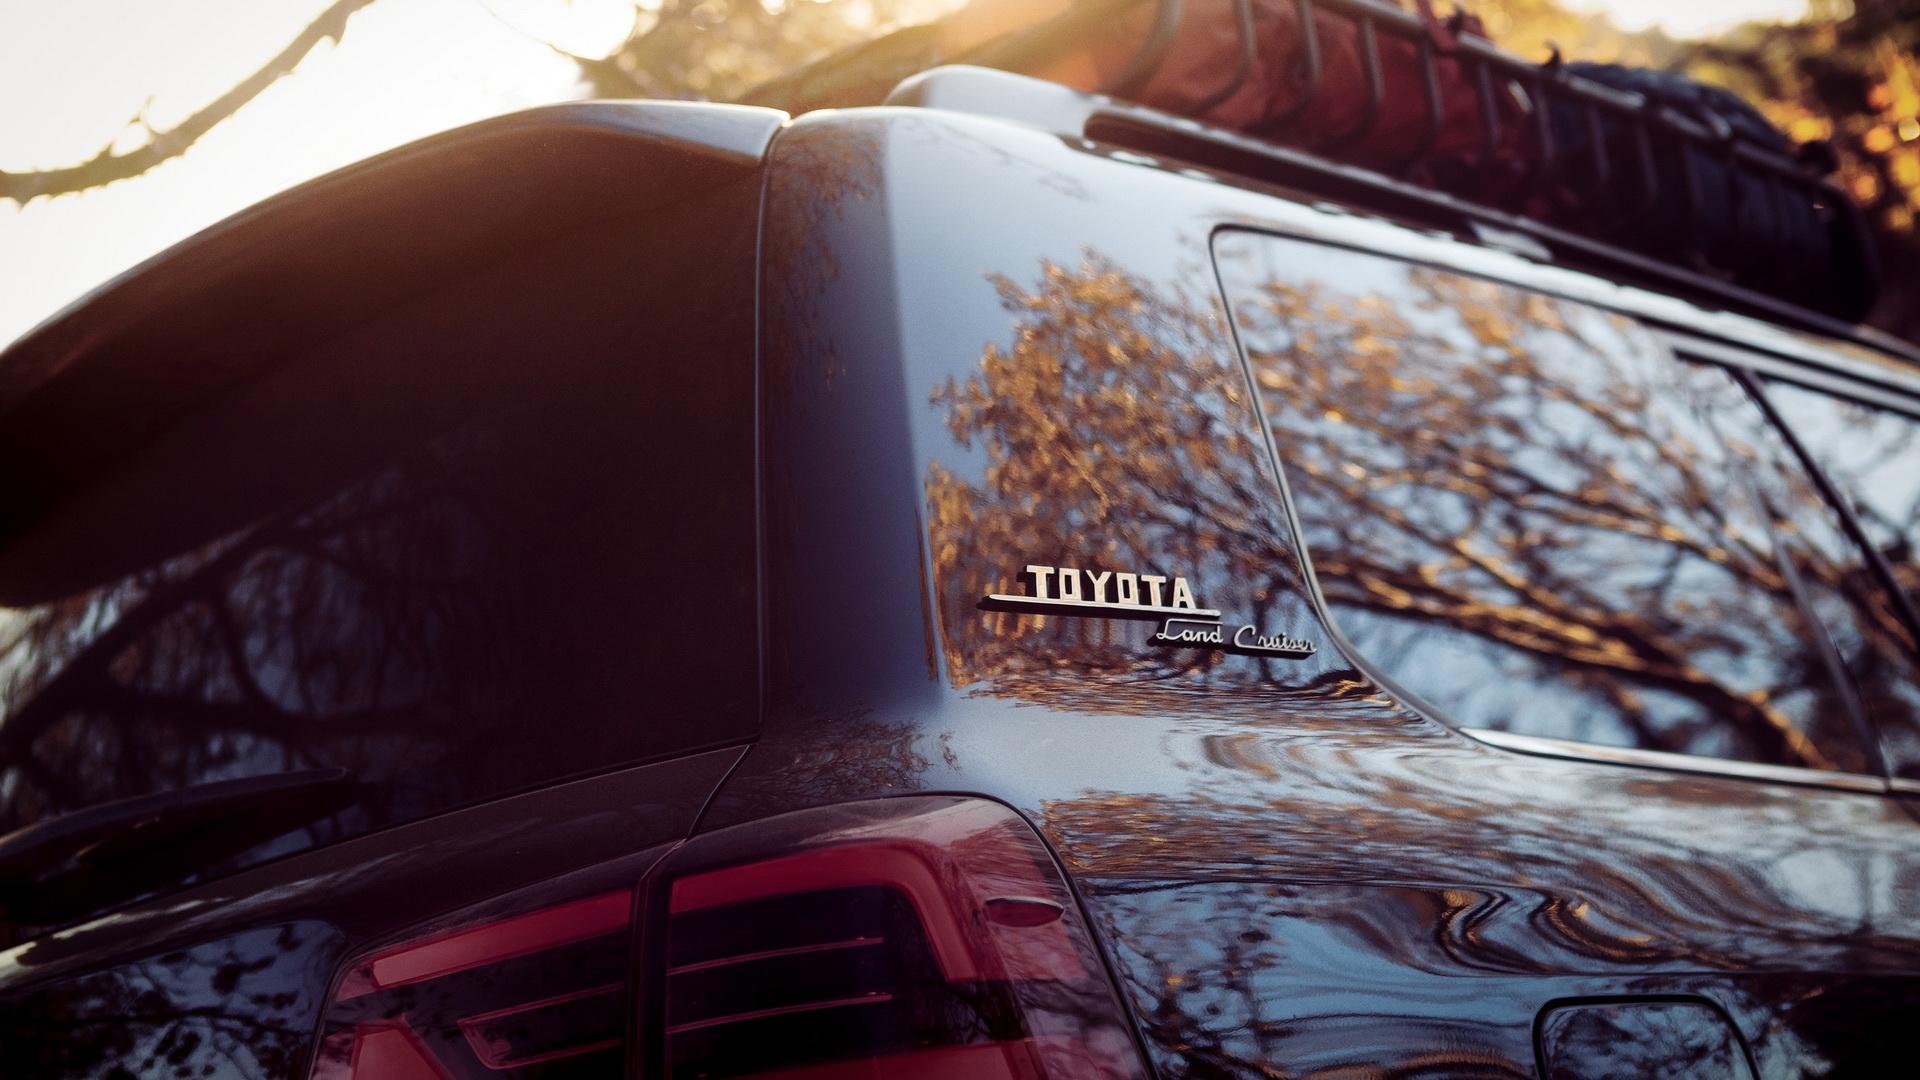 """Toyota Land Cruiser 2020 phiên bản """"di sản"""" kỷ niệm sự khởi đầu vào thị trường Mỹ - 13"""